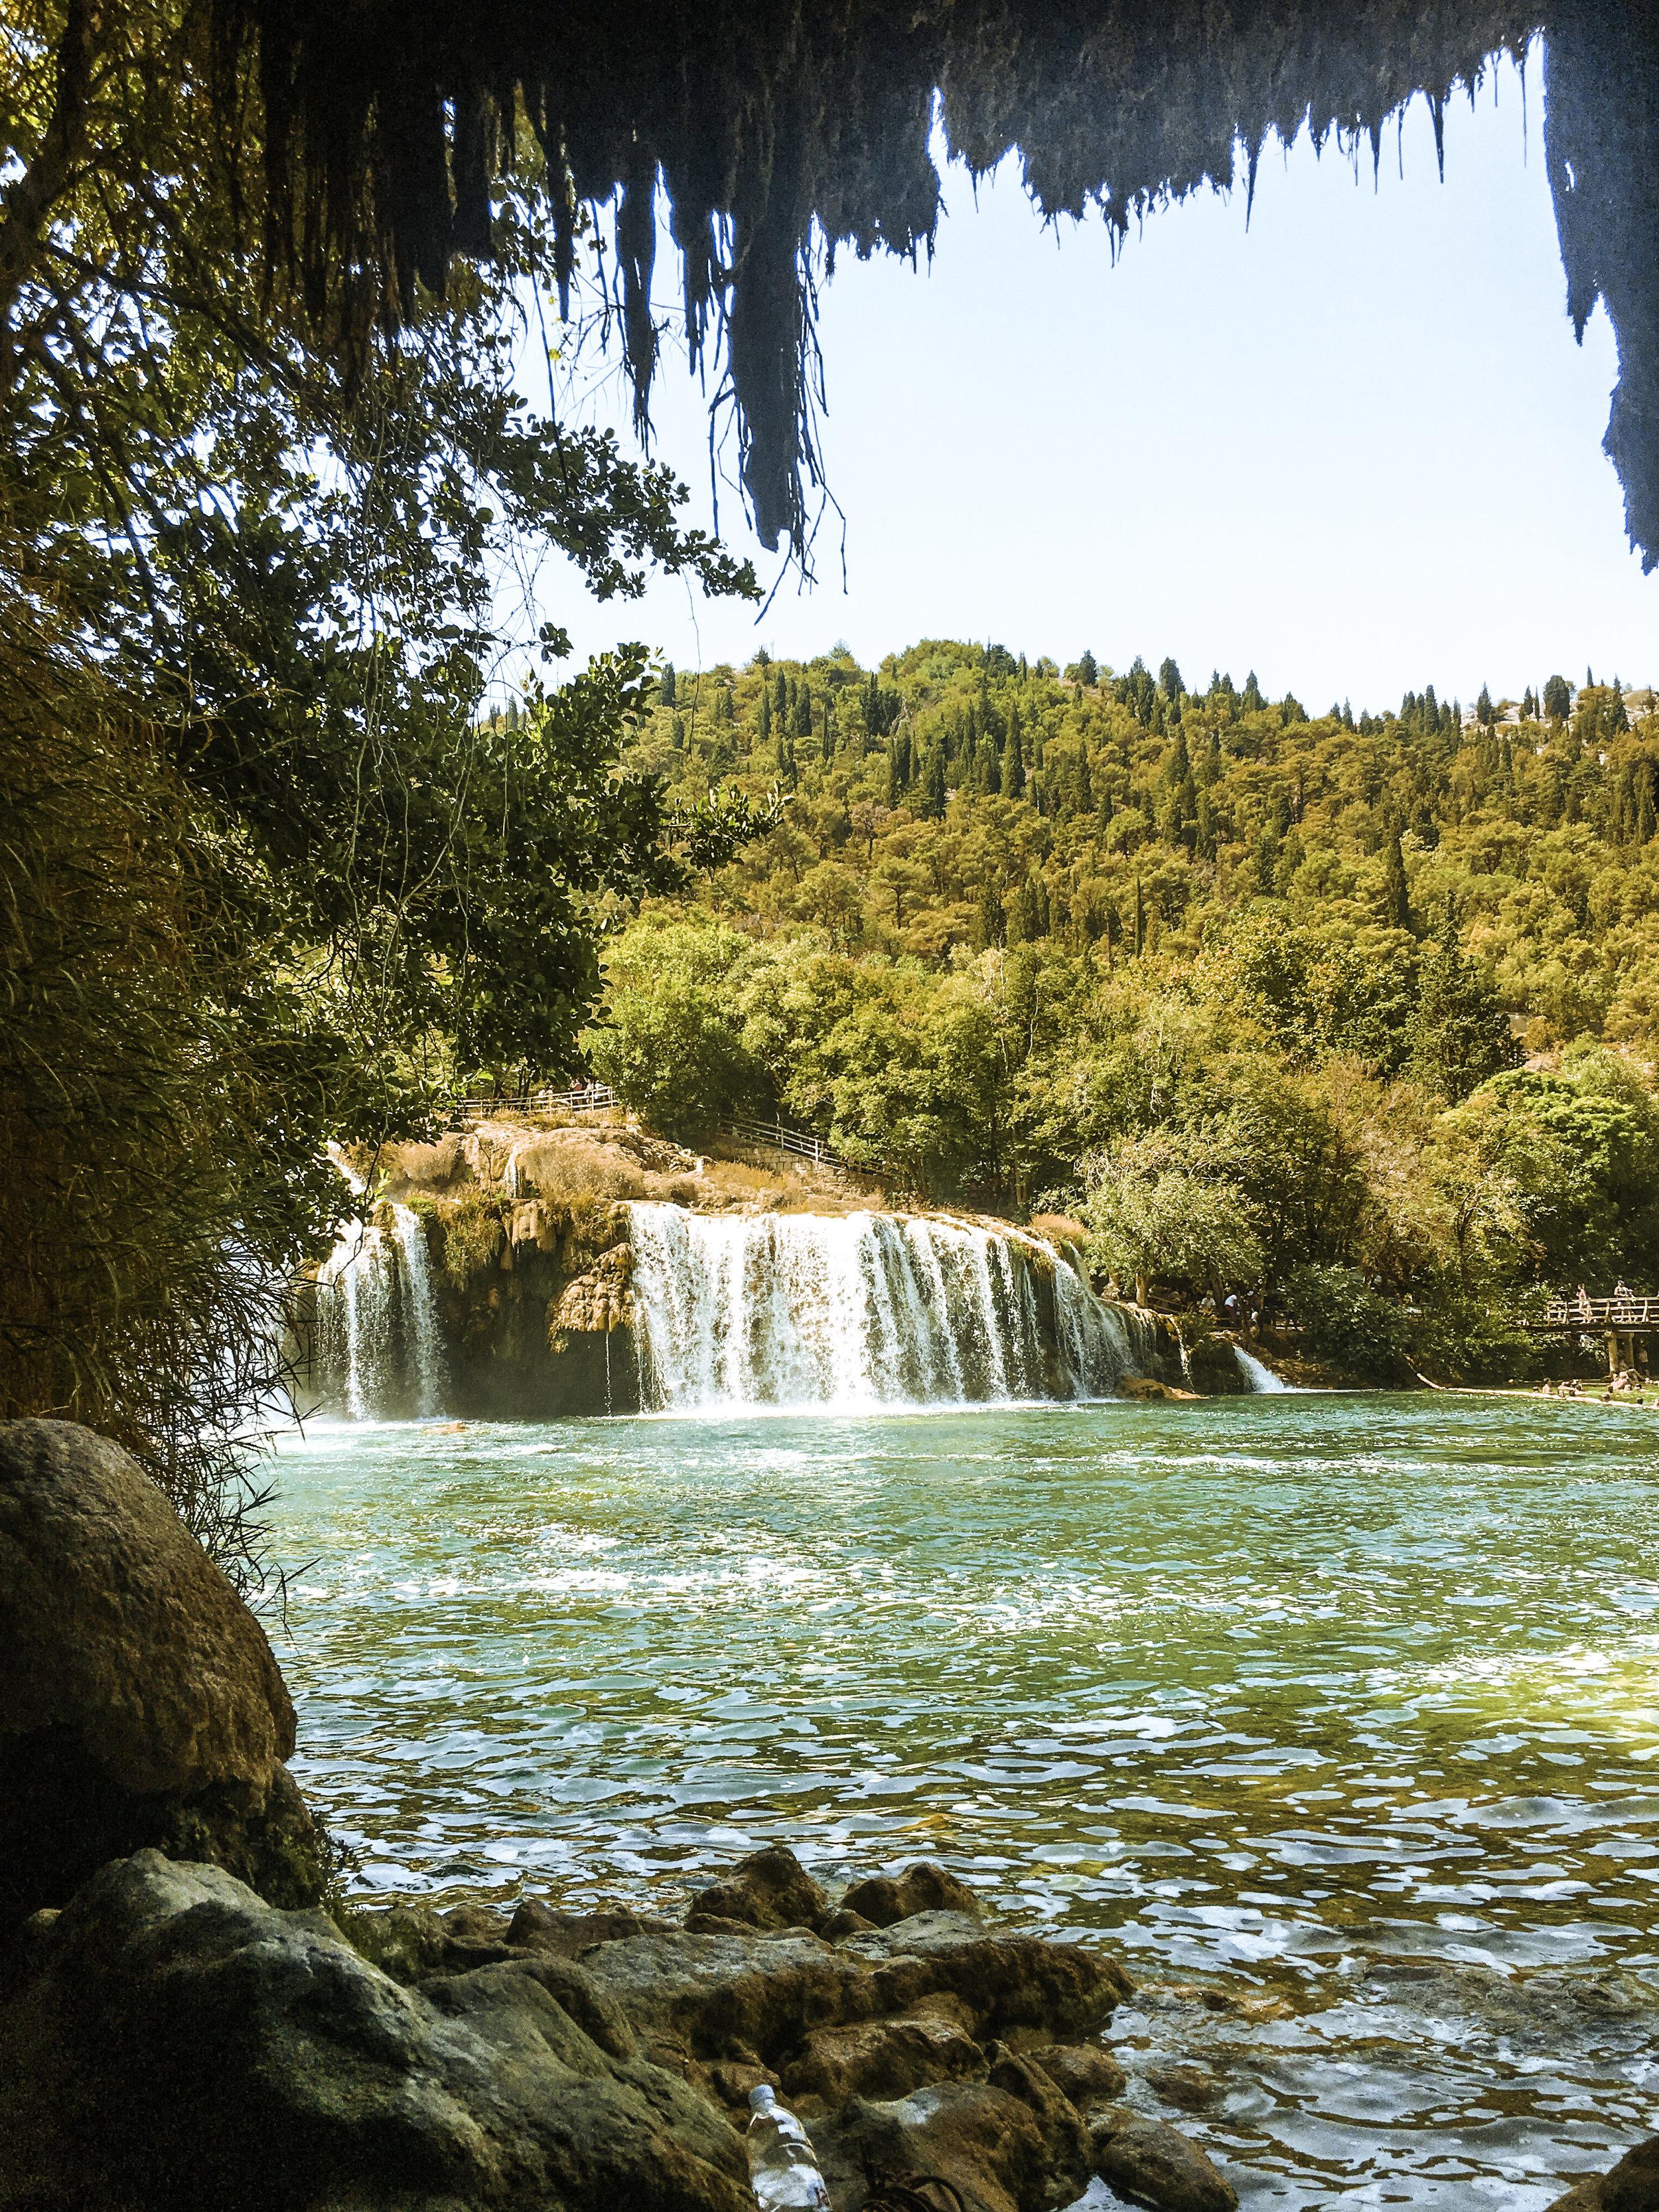 Krka国家公园瀑布洞穴-洛佐瓦茨,达尔马提亚,克罗地亚-照明。jpgbeplay3体育官方下载